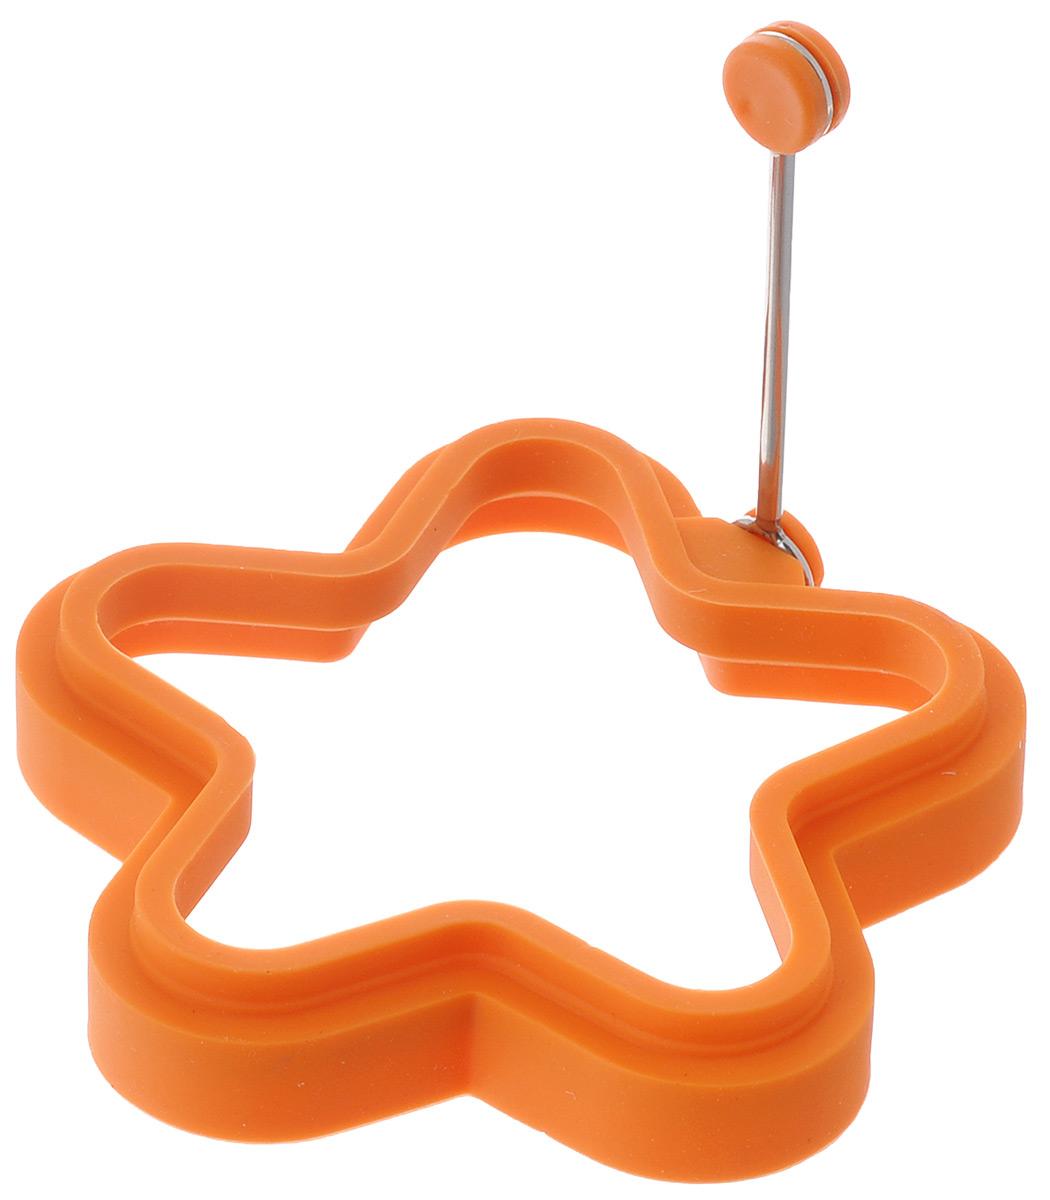 """Форма Mayer & Boch """"Звезда"""" изготовлена из силикона. Она предназначена  для приготовления яичницы, выпекания блинов необычной формы и других блюд.  Необходимо просто залить приготавливаемую массу внутрь формочки,  расположенной на сковородке,  и подождать, пока блюдо не дойдет до нужной кондиции. Благодаря такой формочке,  вы привнесете немного оригинальности и разнообразия в свой повседневный  завтрак.Можно мыть в посудомоечной машине.  Размер: 11,5 см х 11,5 см х 2,2 см."""